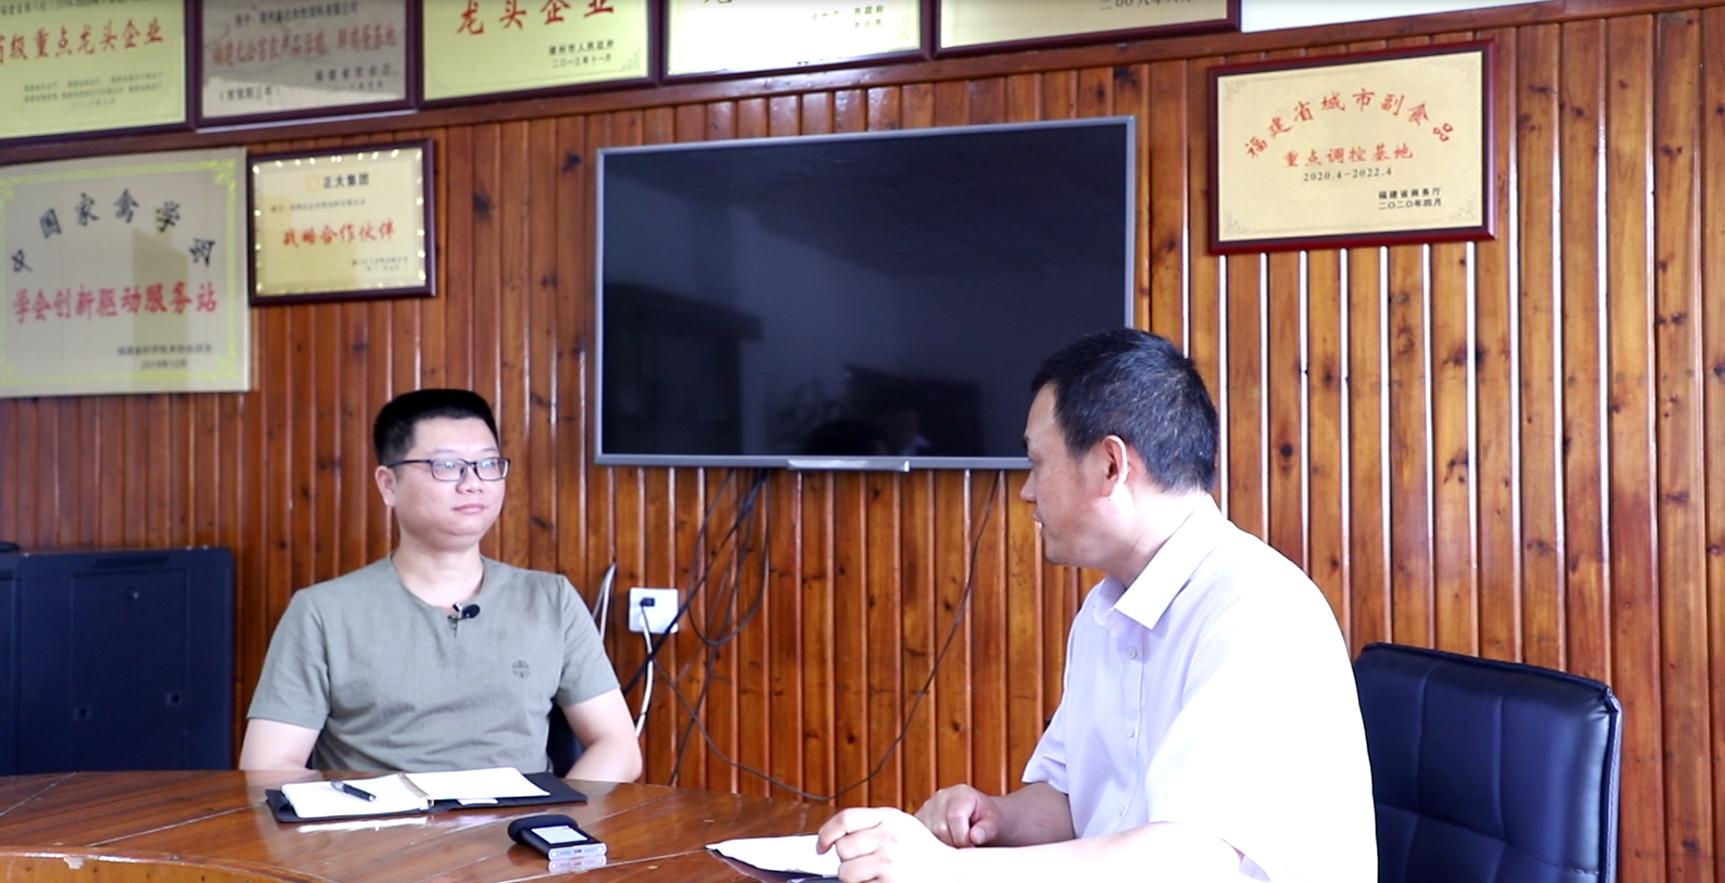 【苗惠中国】以全产业链思维布局发展——访漳州富达农牧饲料有限公司